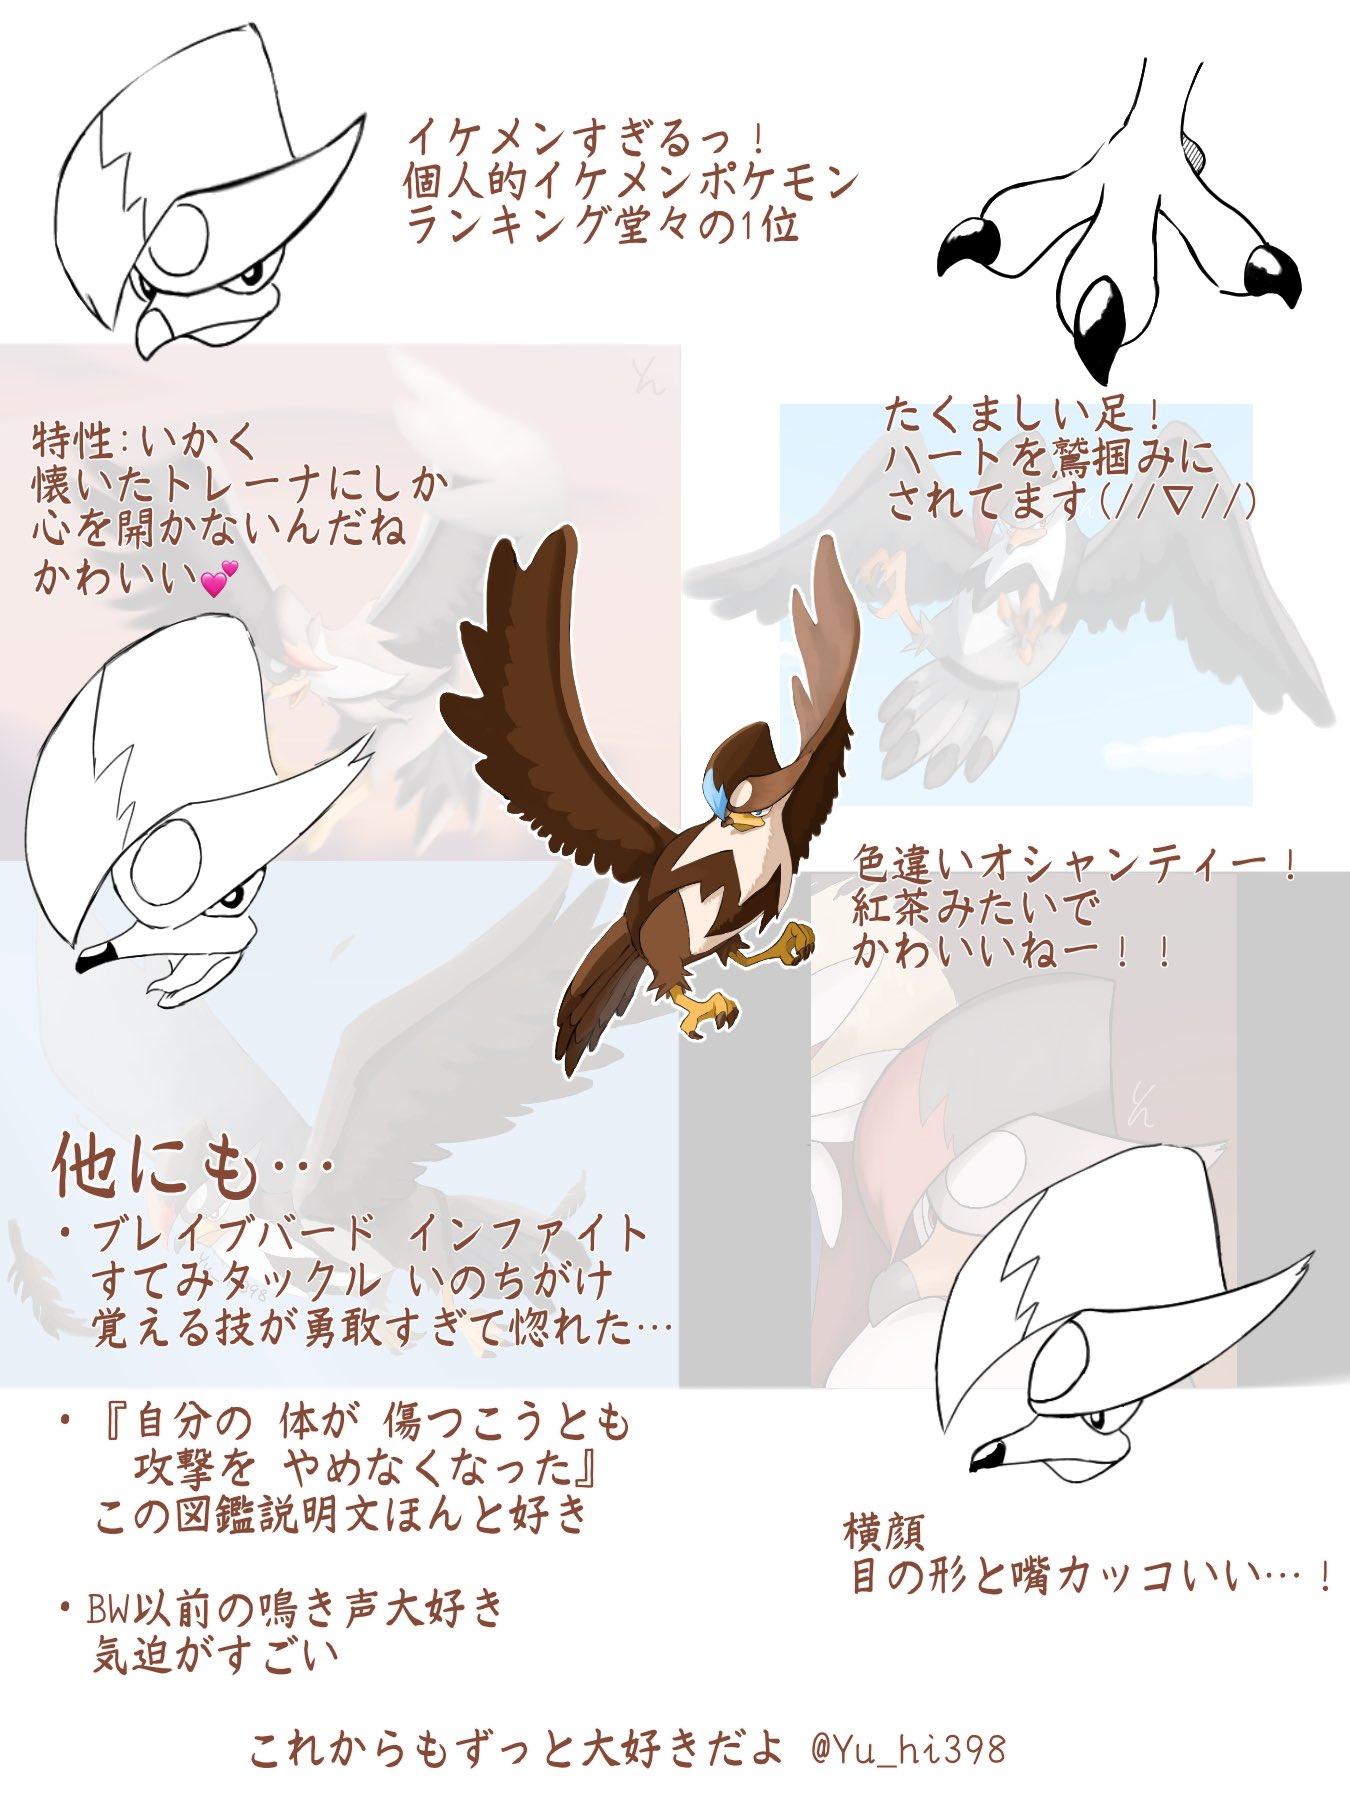 ポケモン いのちがけ ロマン技(ポケモン)